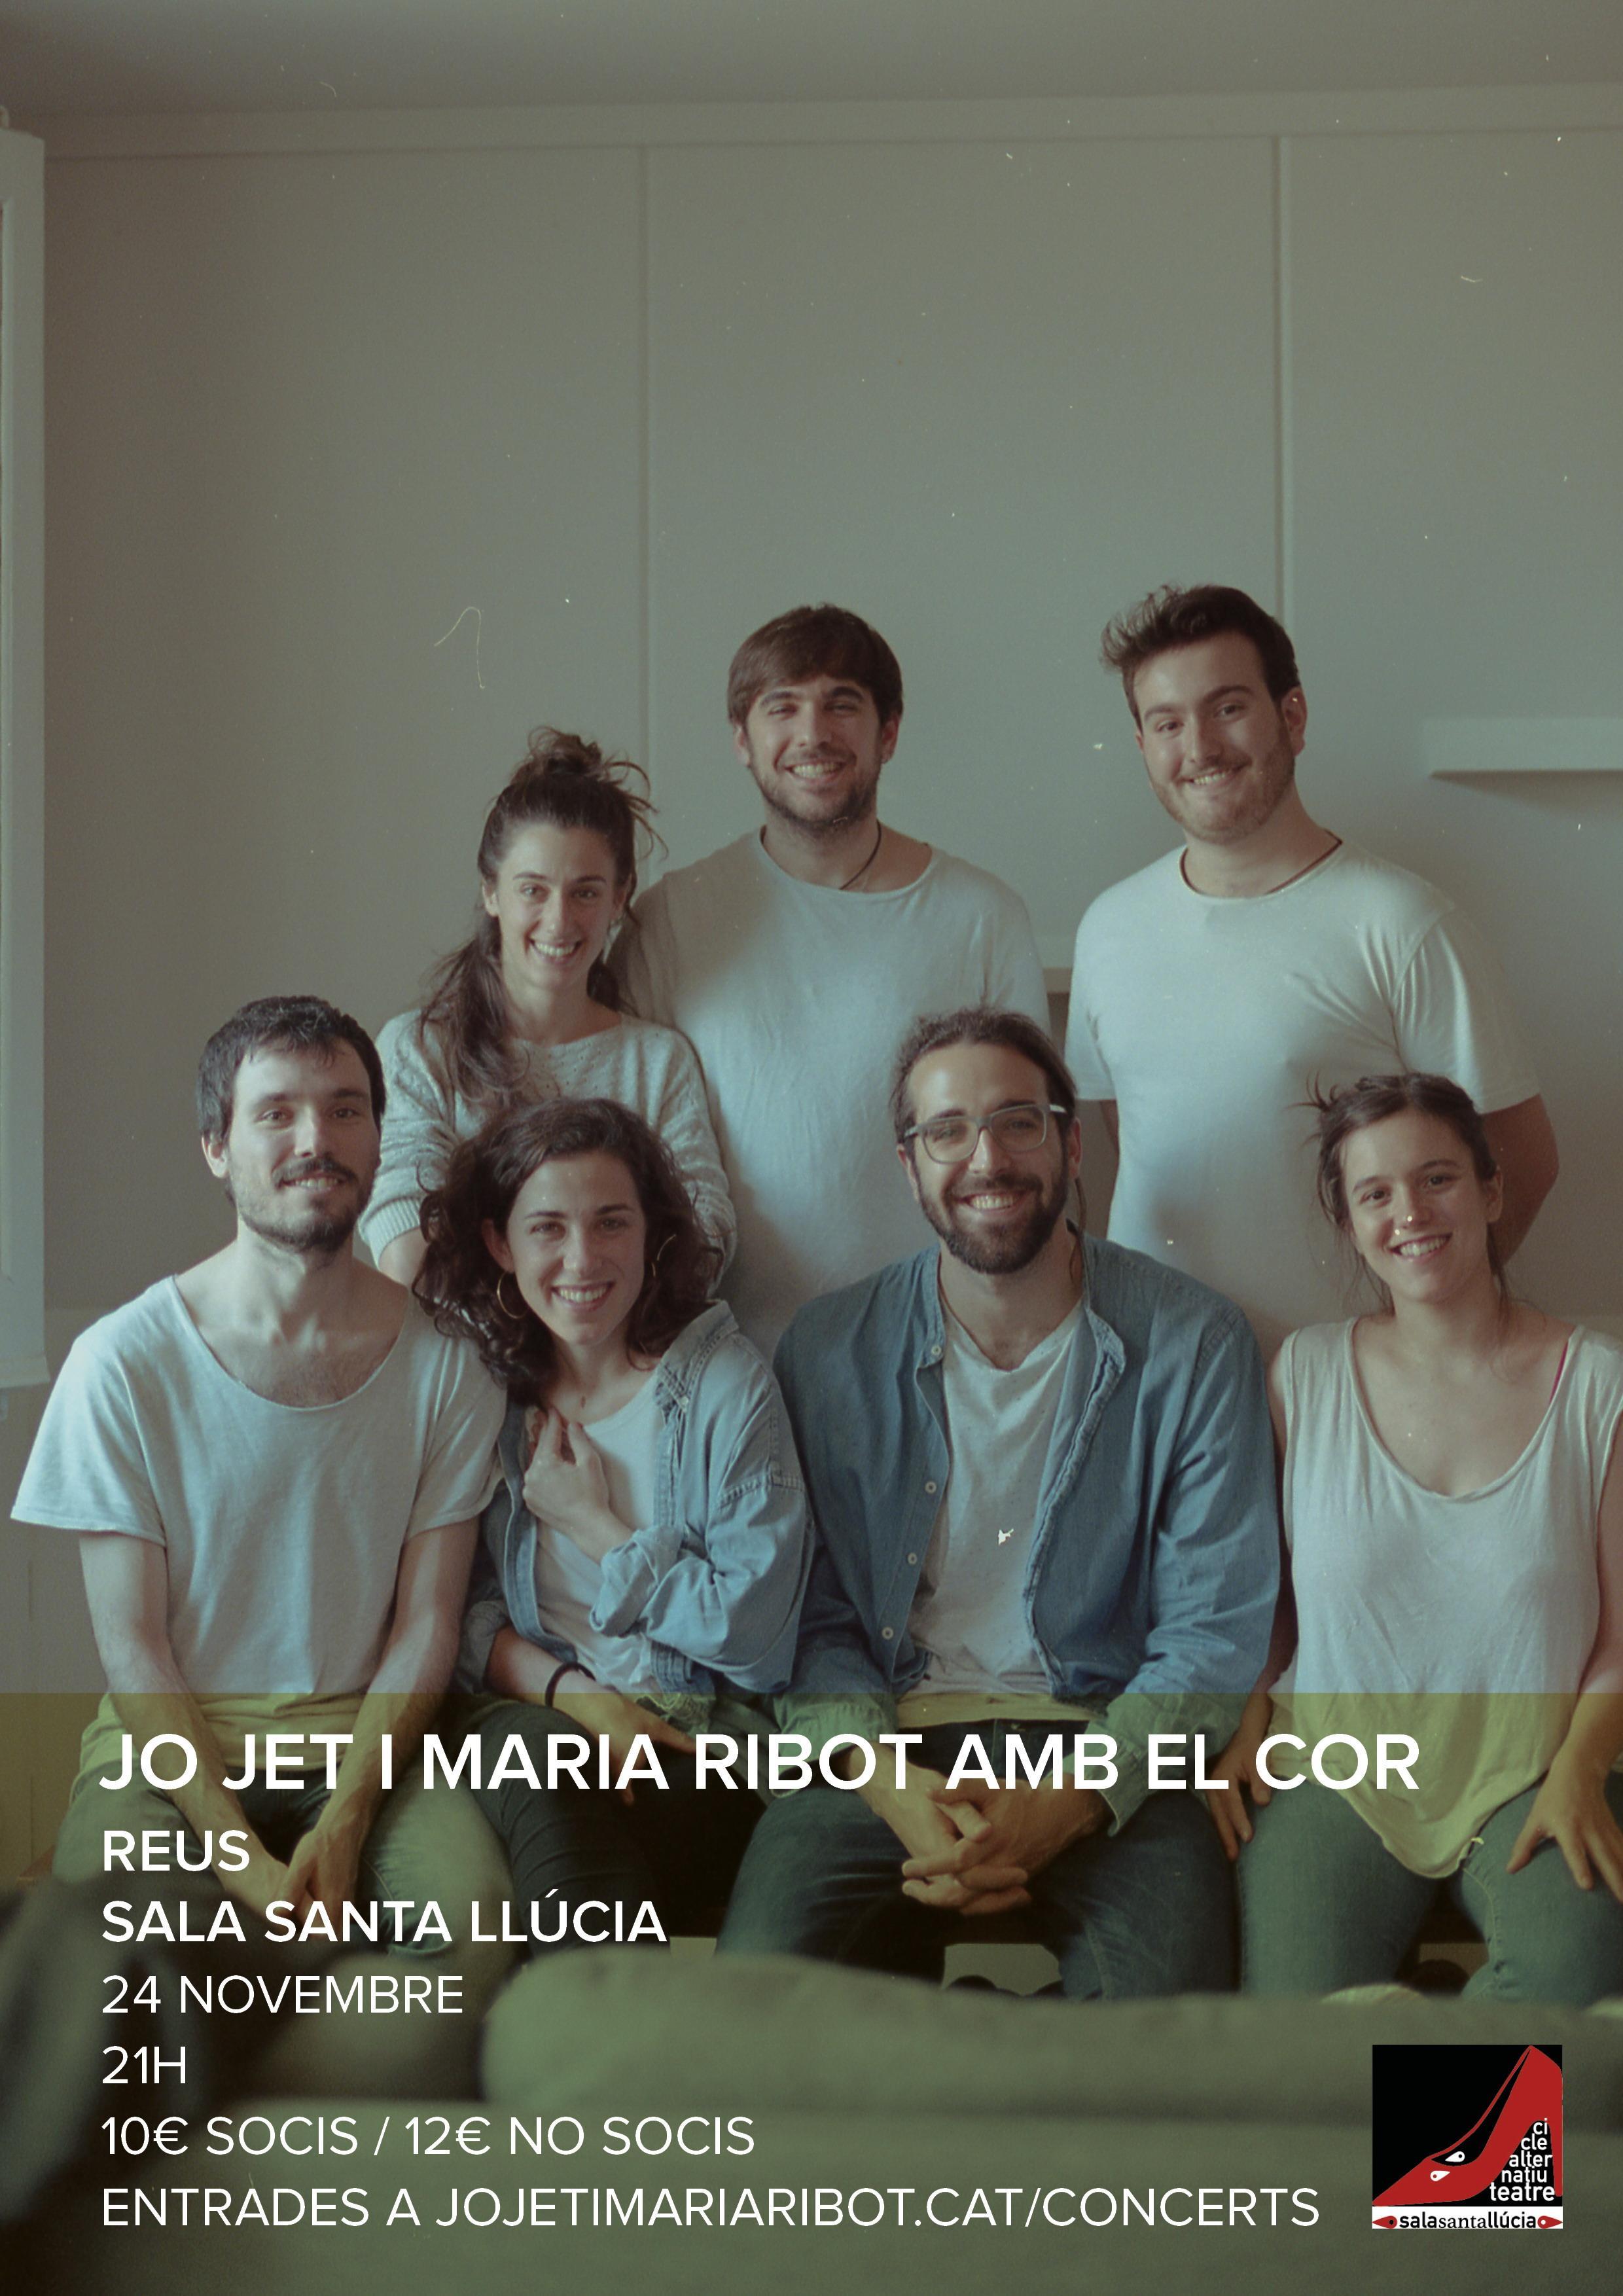 ACCENTS 2018 - Presentació del seu nou disc Jo Jet i Maria Ribot amb el cor